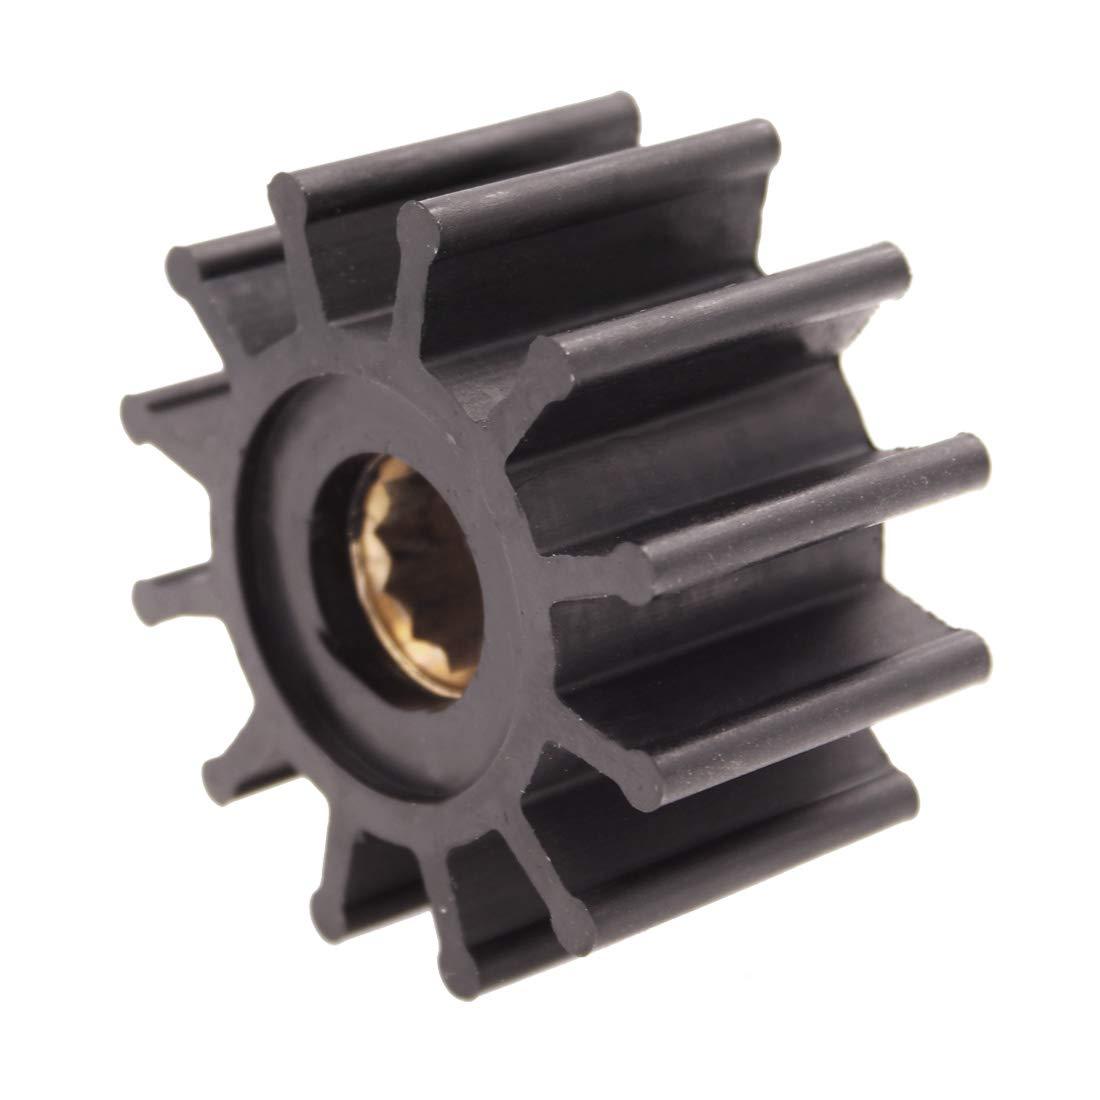 HZYCKJ Impulsor de la bomba de agua Impulsor de enfriamiento del motor interno OEM # 3862281 21951346 825940